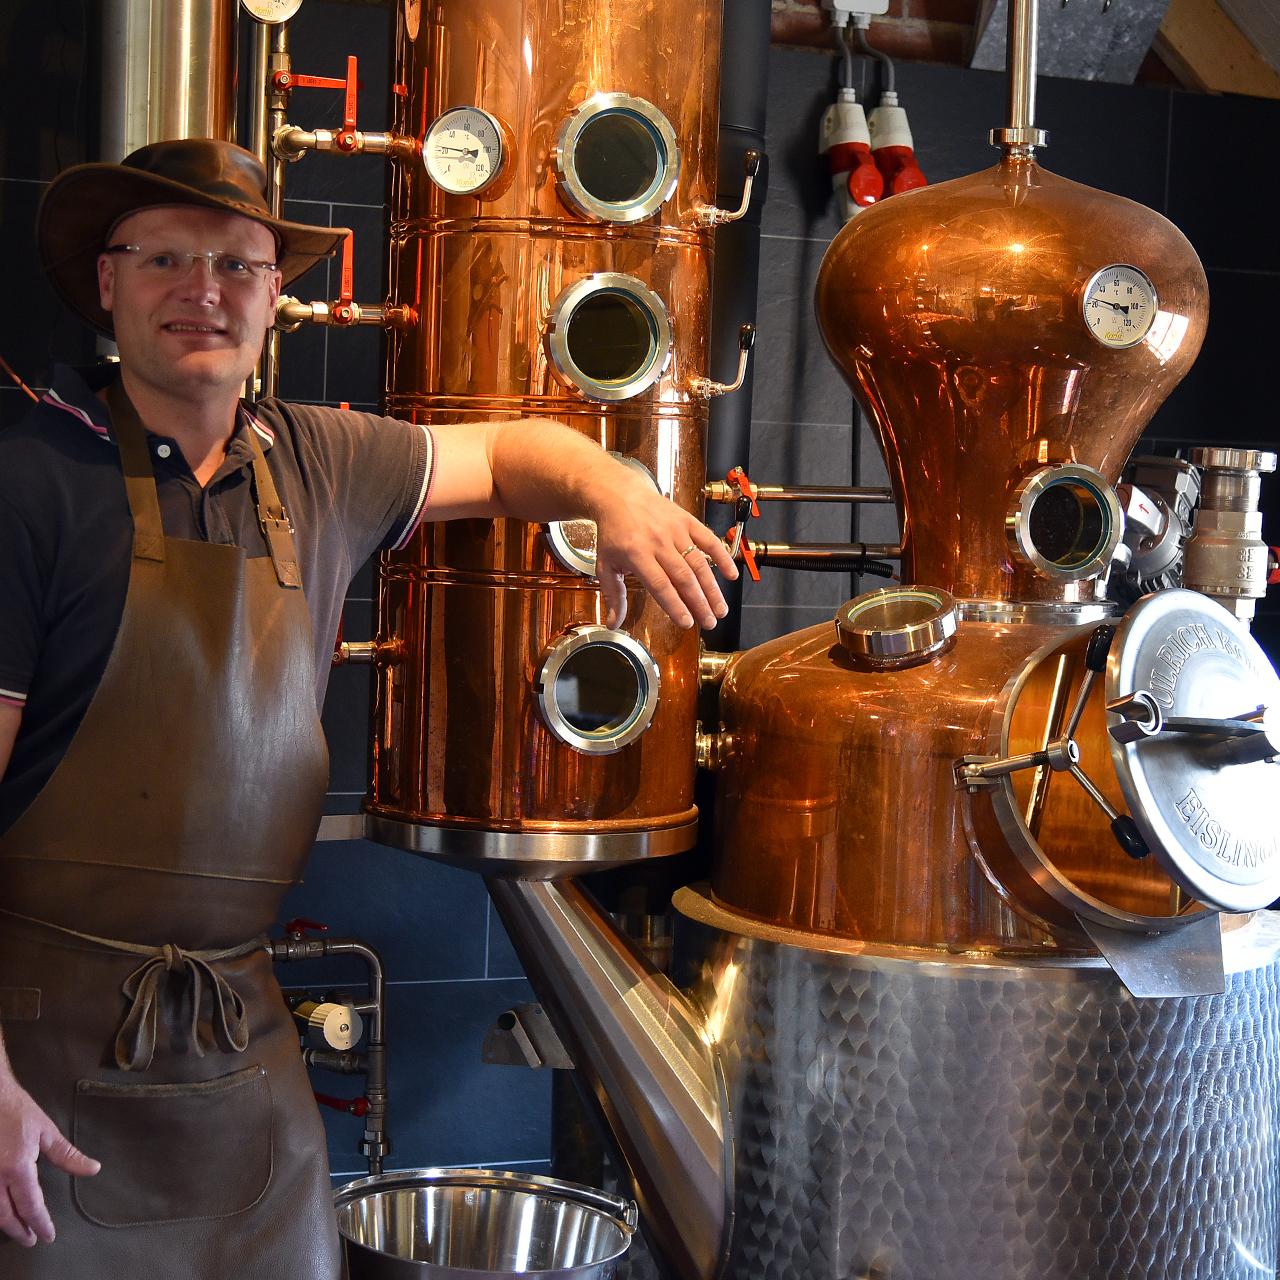 https://www.distilleerderijdebronckhorst.nl/wp-content/uploads/2020/06/ErikLegters.jpg